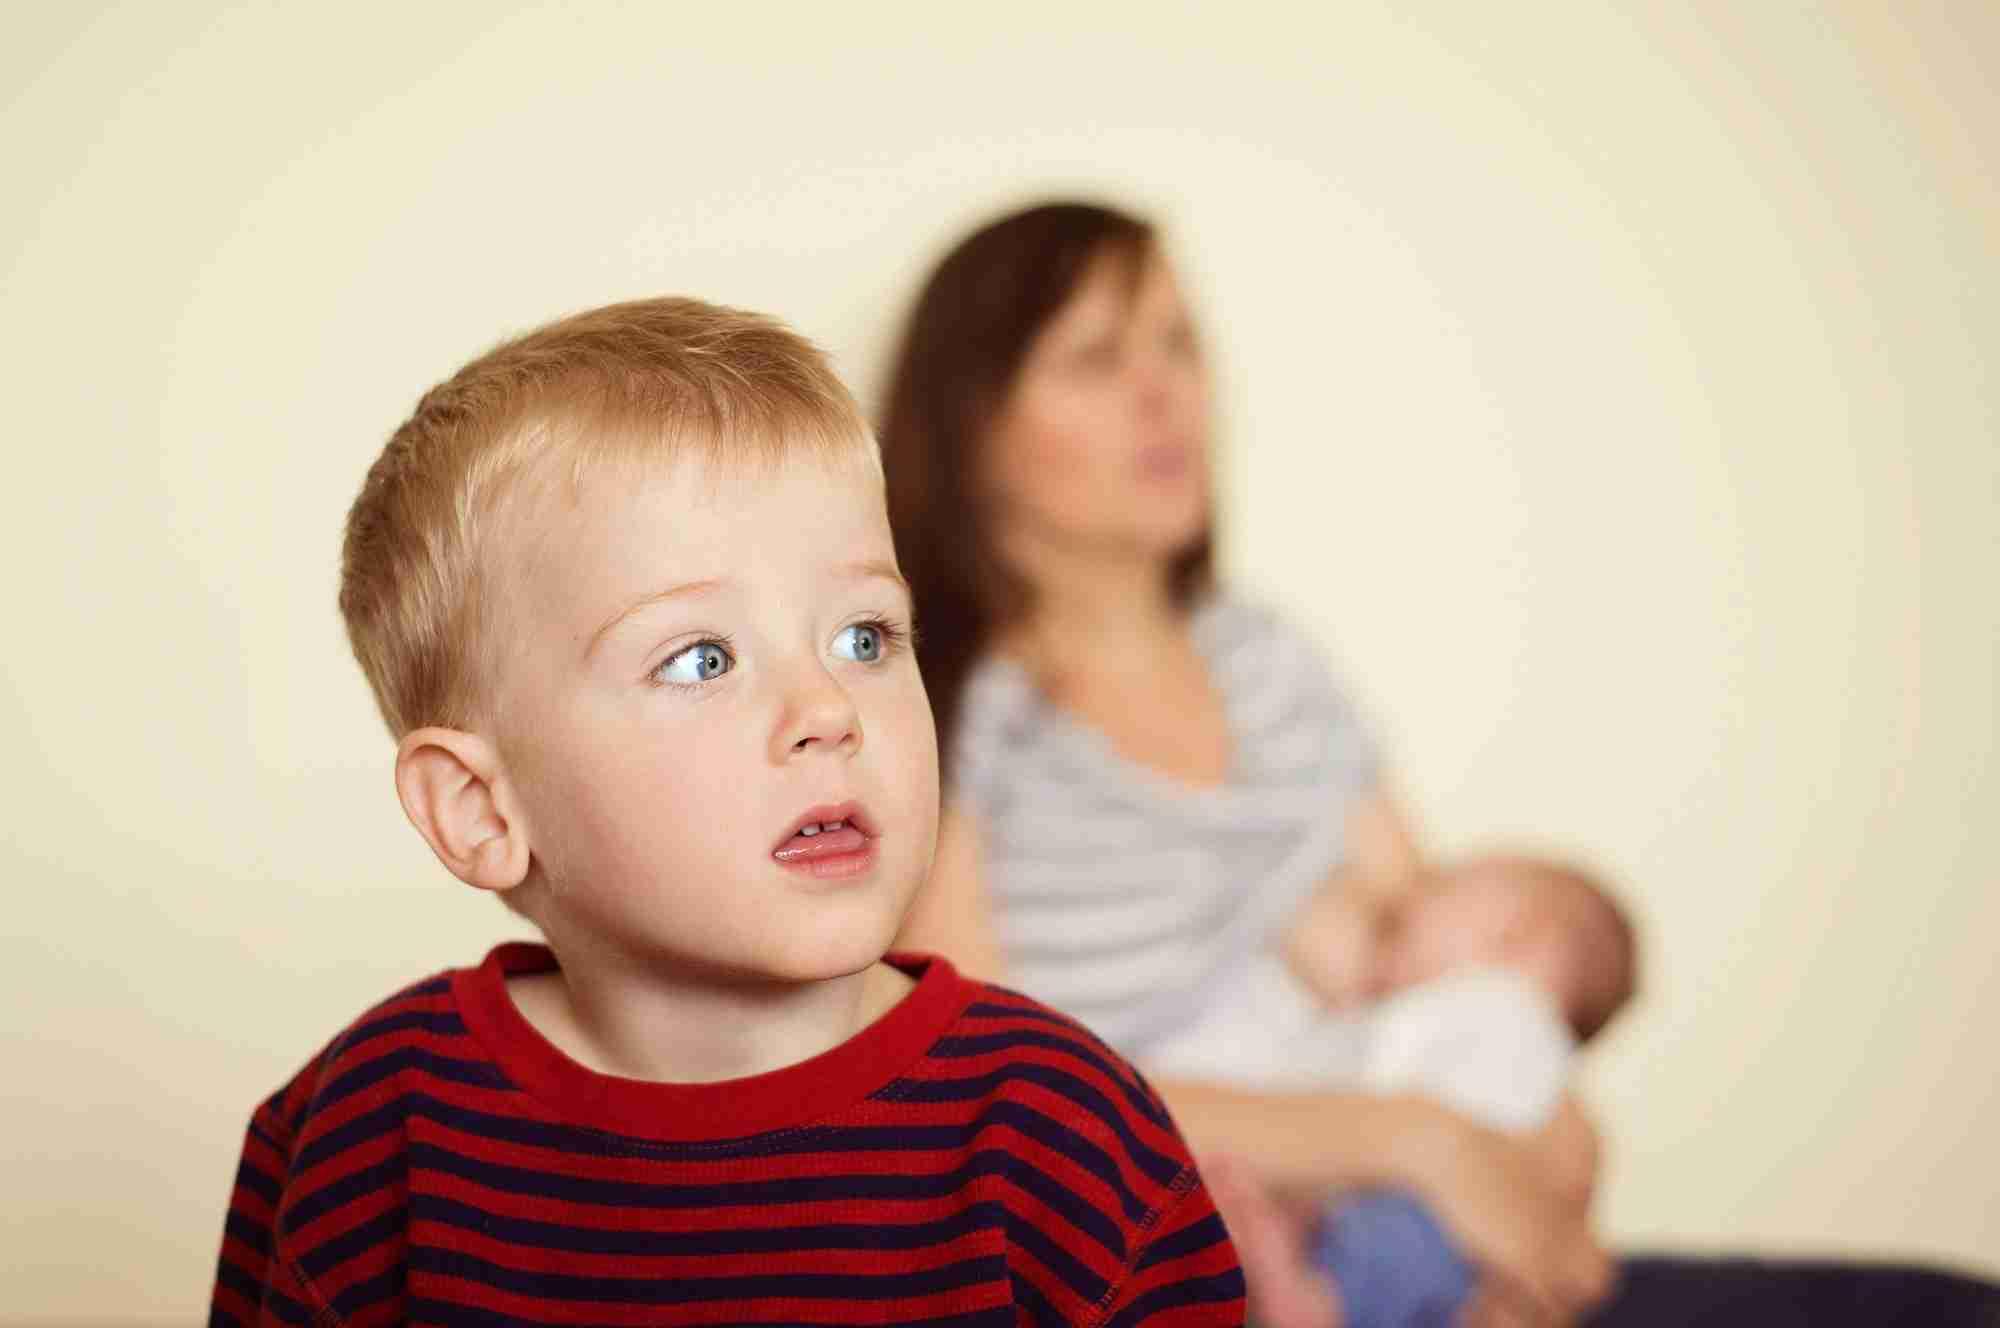 下の子がかわいすぎる…上の子に対して愛情が持てないと悩むママ達。